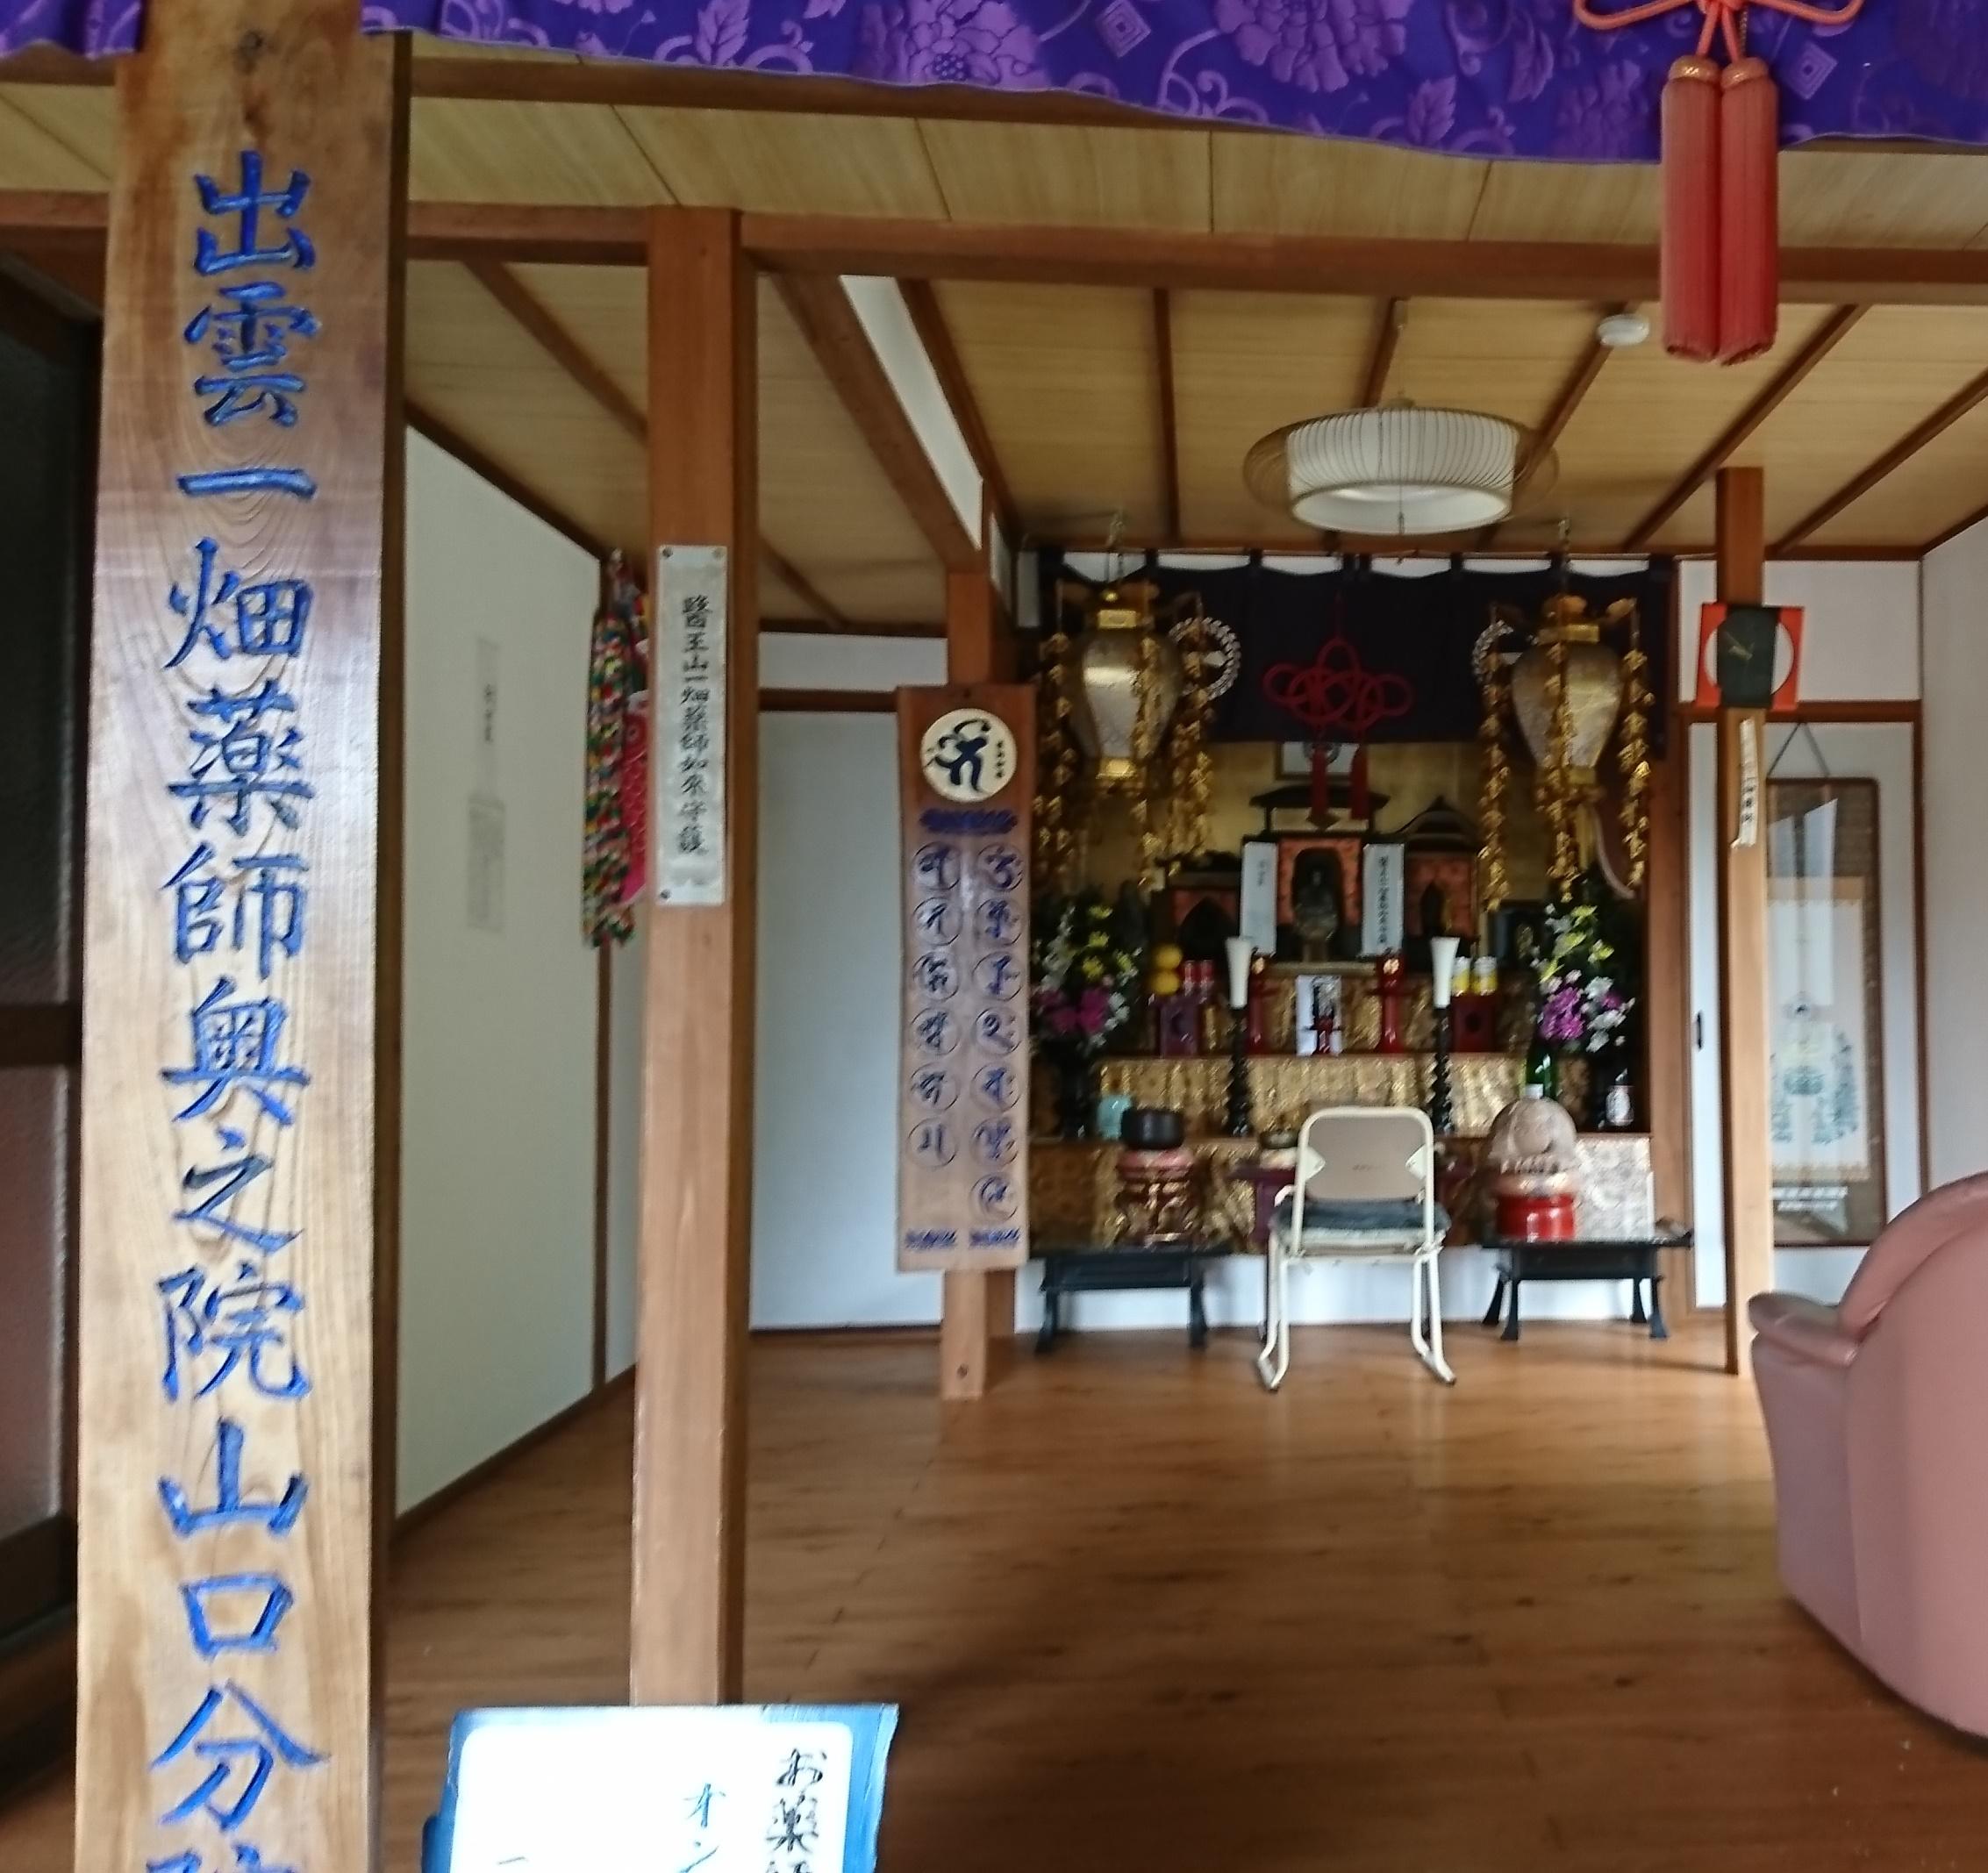 瑠璃光寺の薬師如来奥之院山口分院のご利益は眼病平癒です